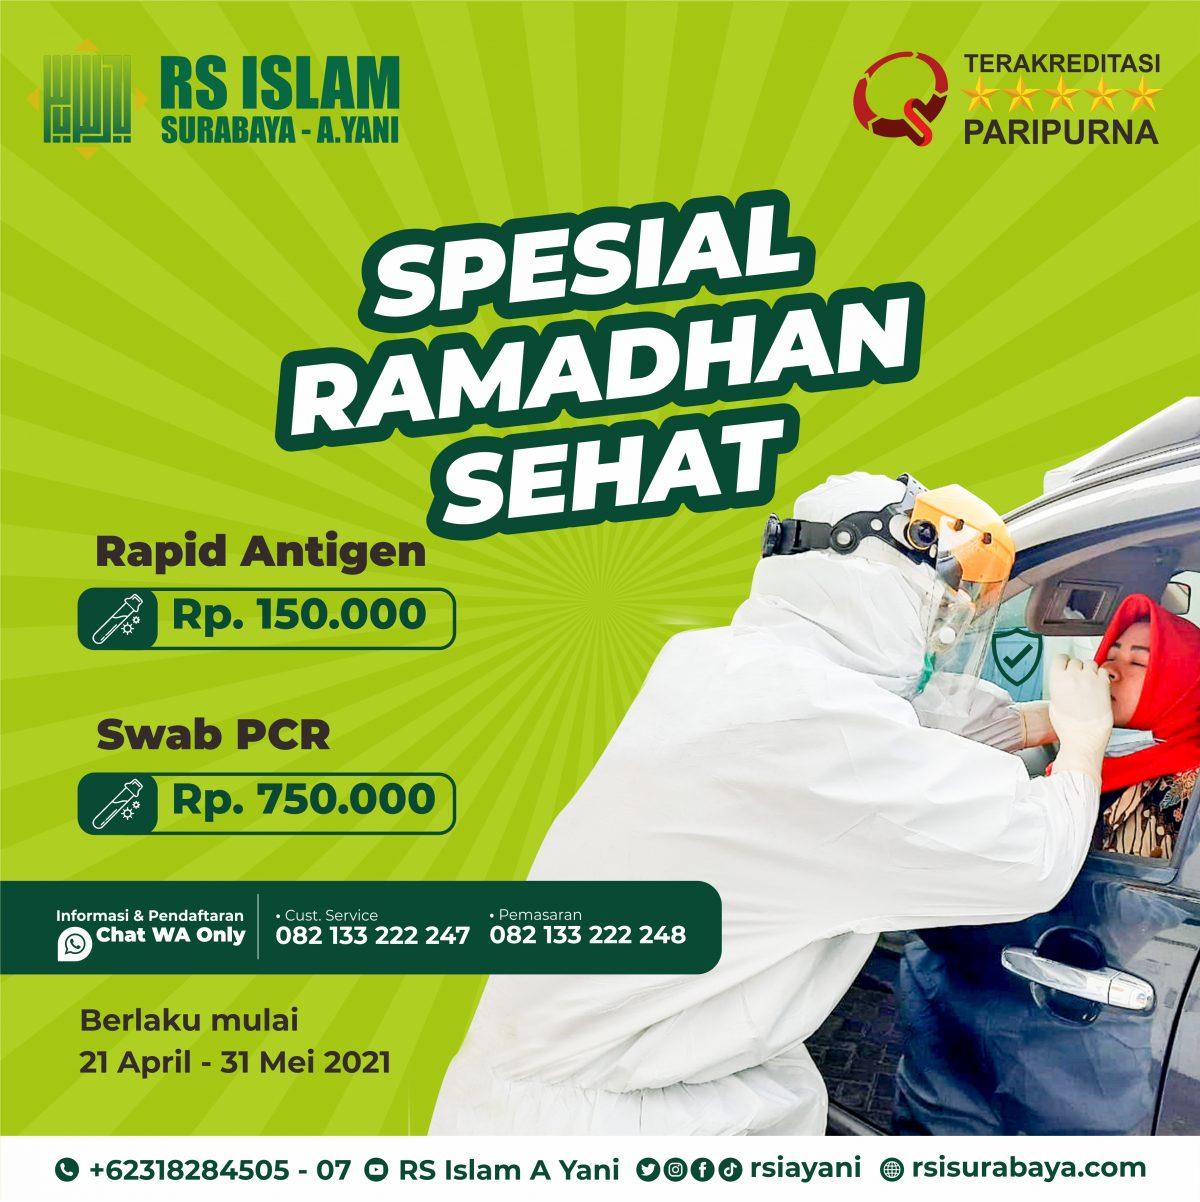 Spesial-Ramadhan-Sehat-1200x1202.jpg